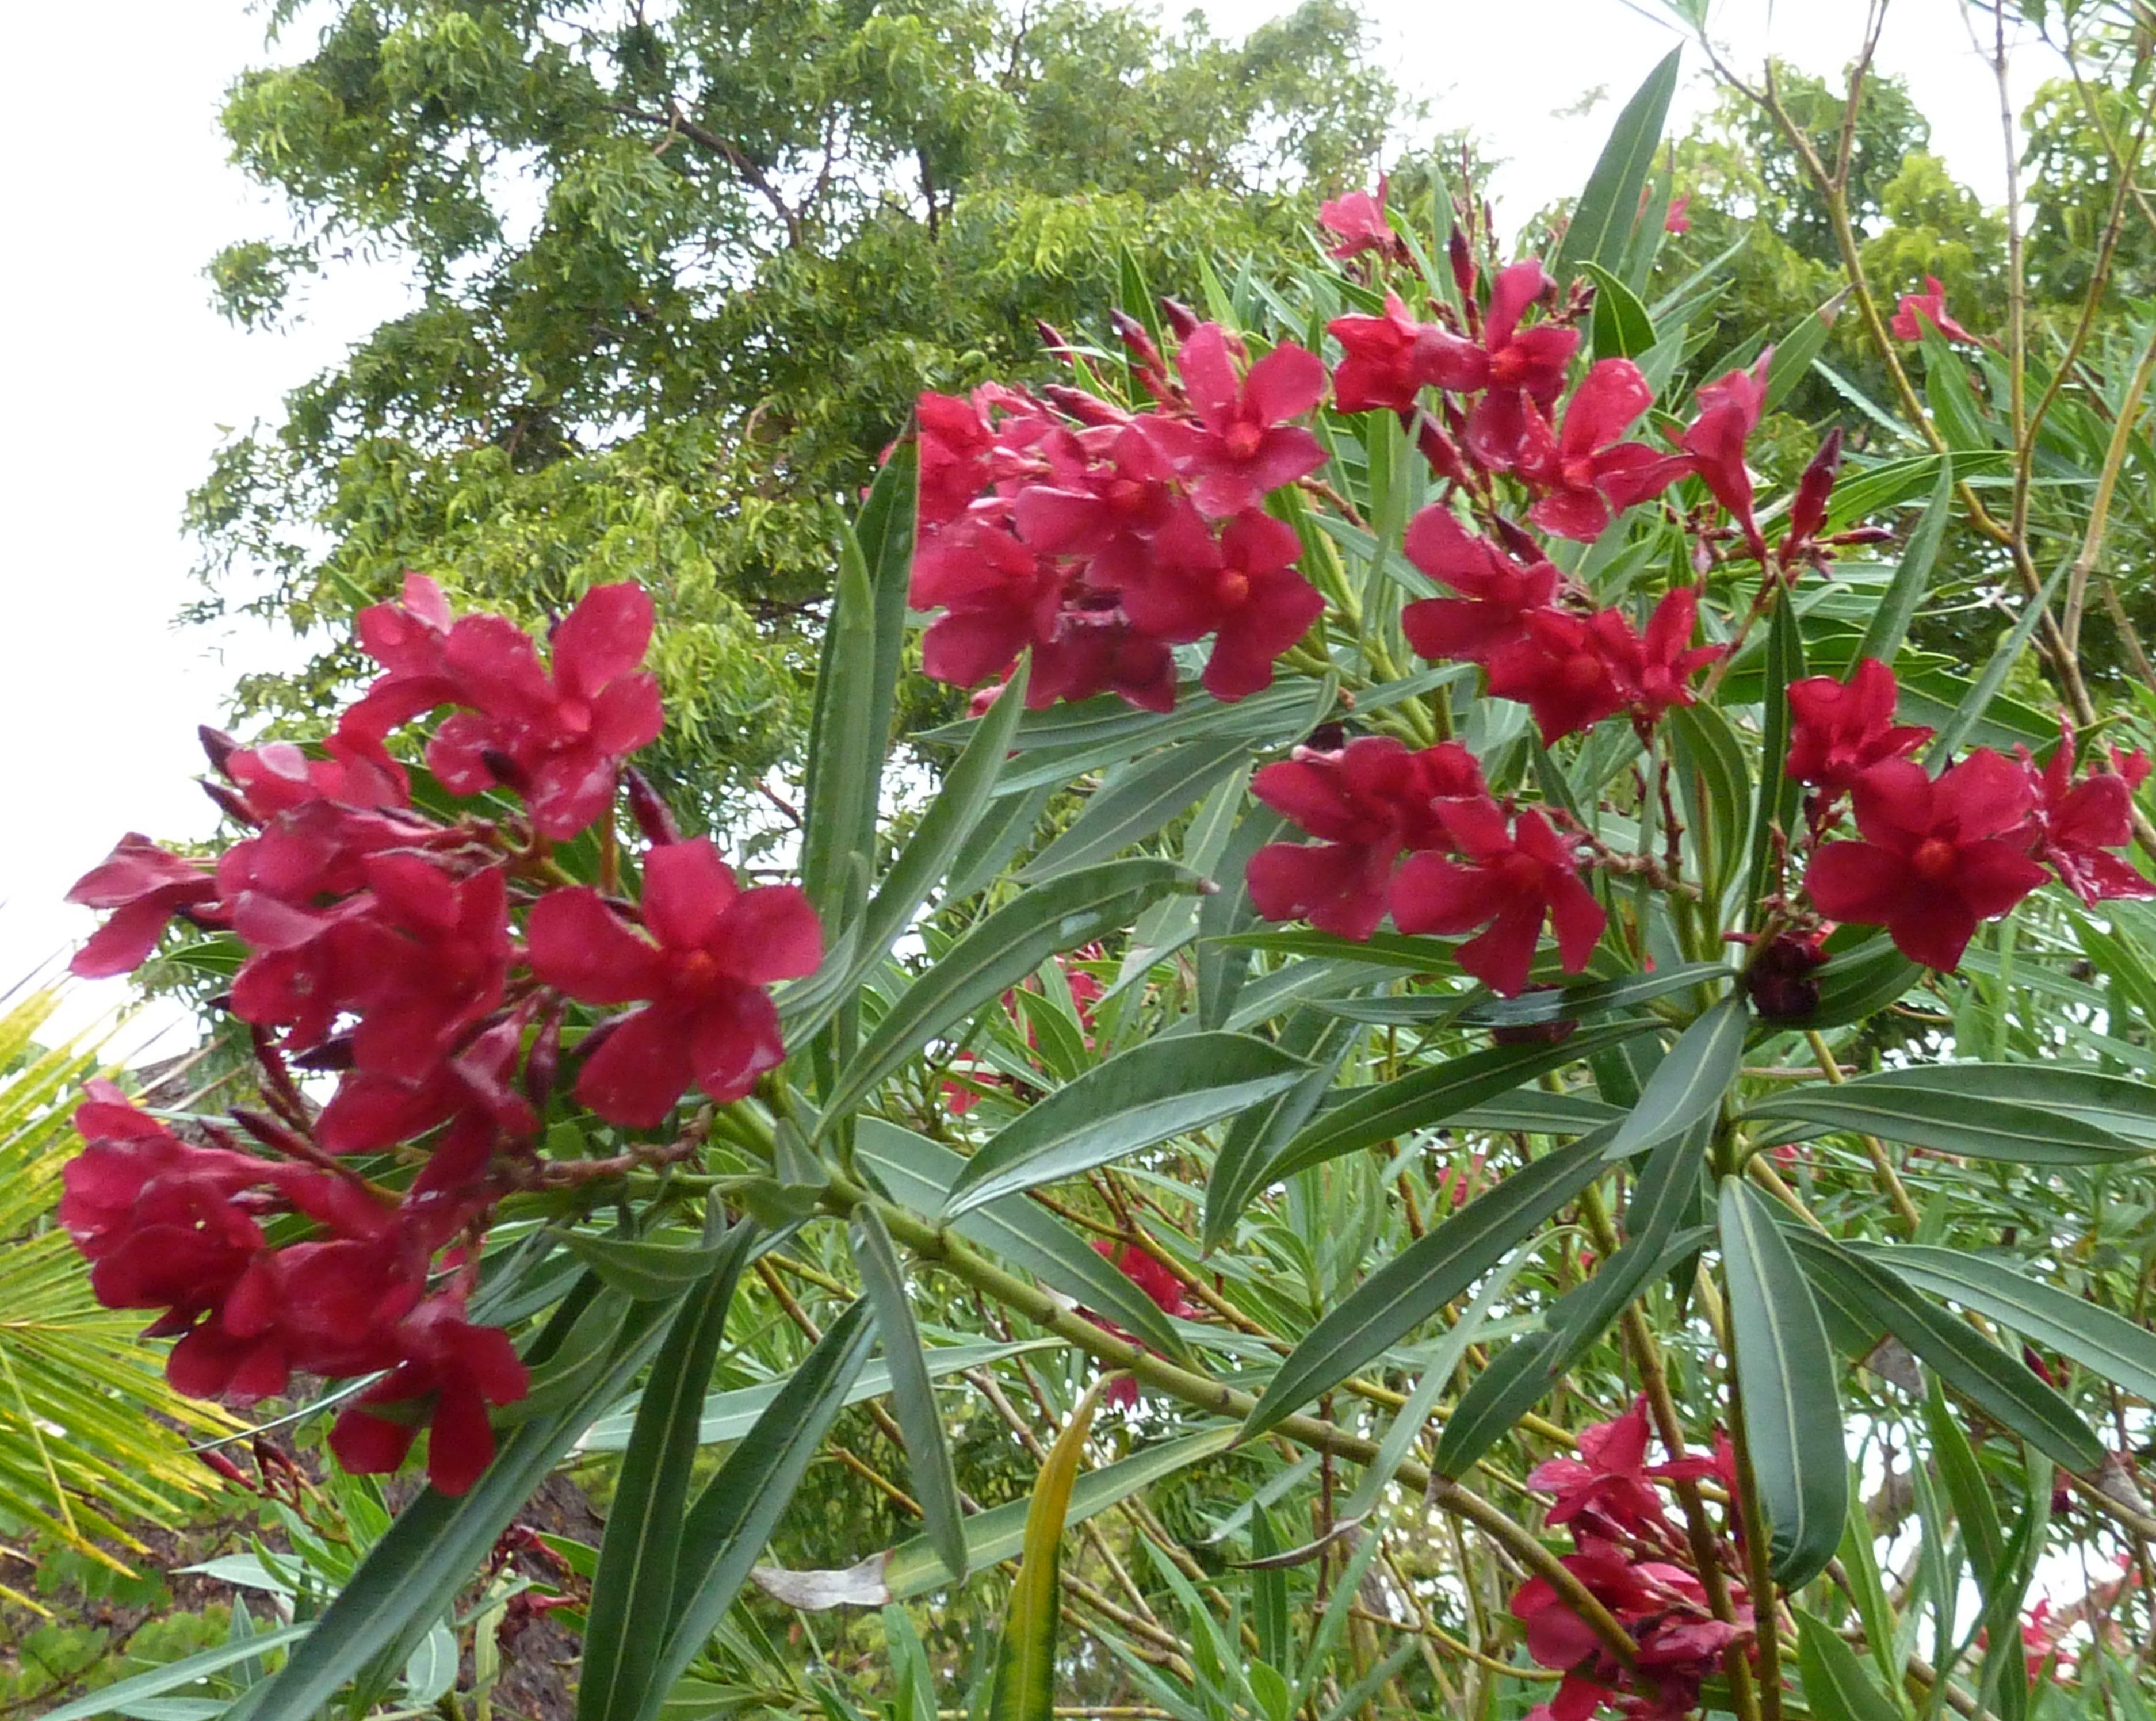 Kaner nerium oleander variegated plant plantslive for Buy plans online